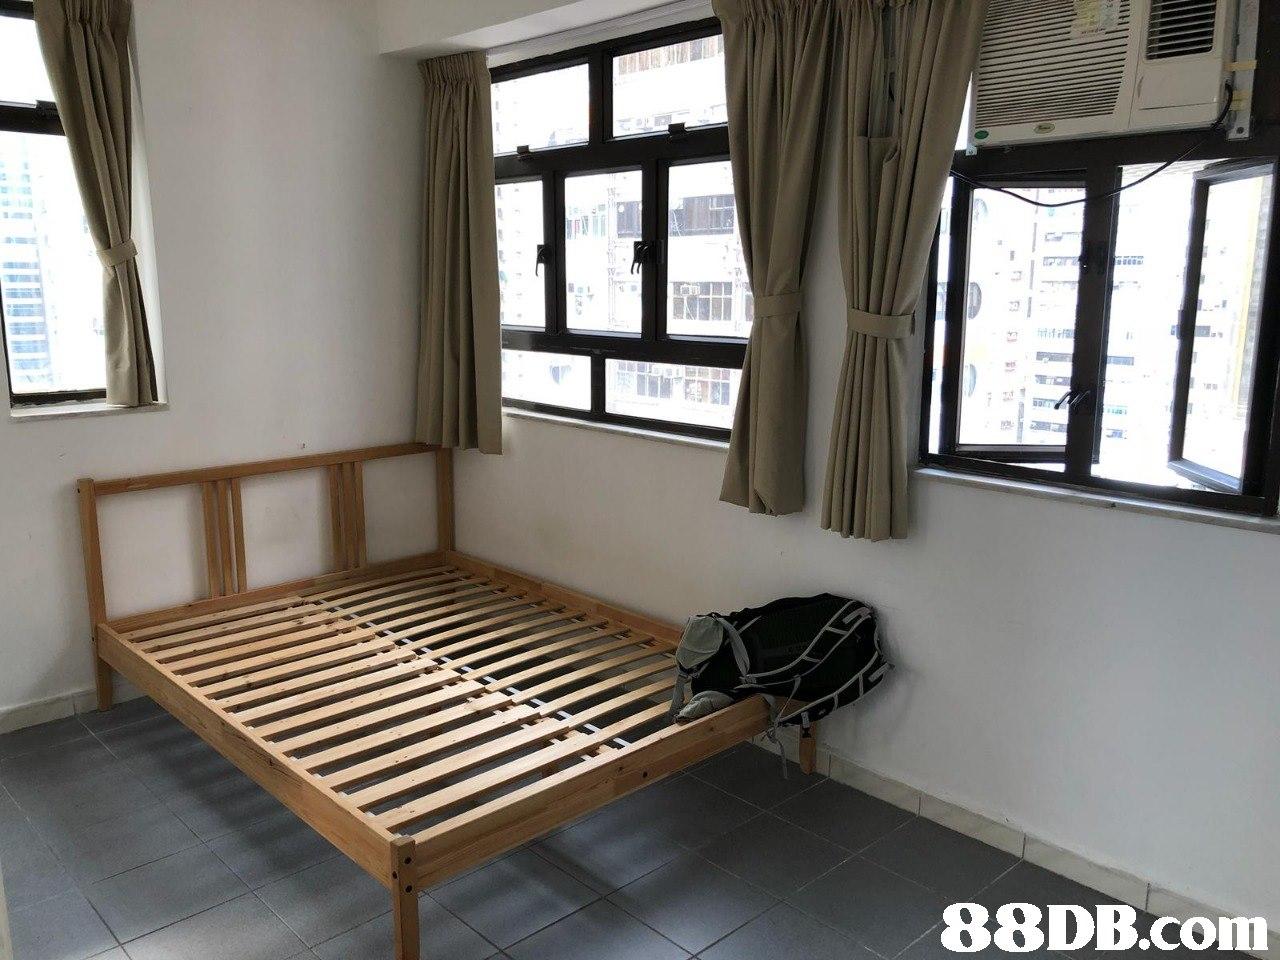 property,room,furniture,bed frame,real estate